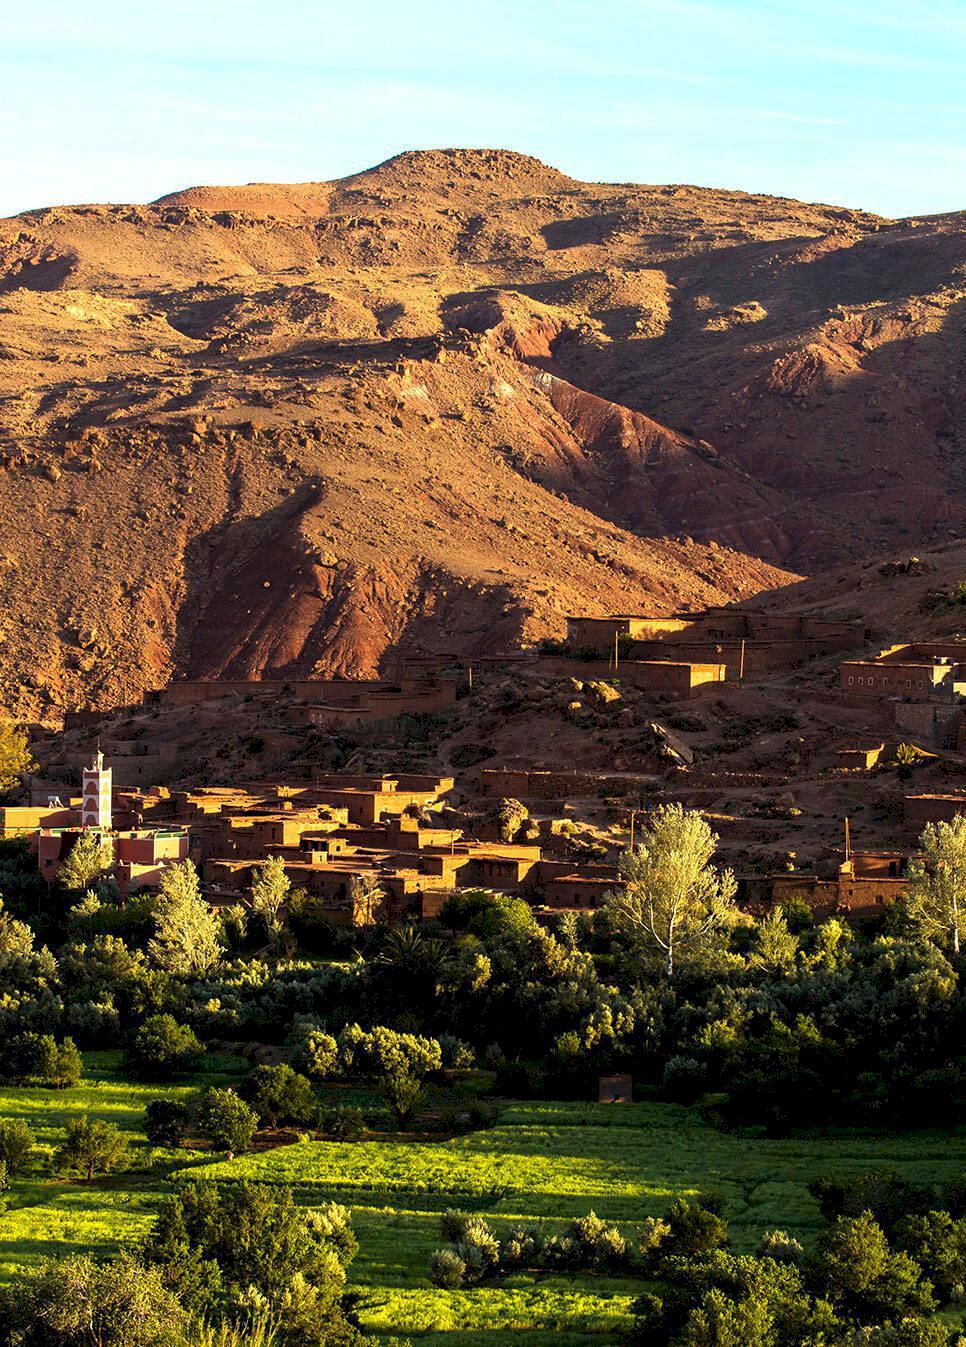 Vandring i Marocko – expedition Atlasbergen